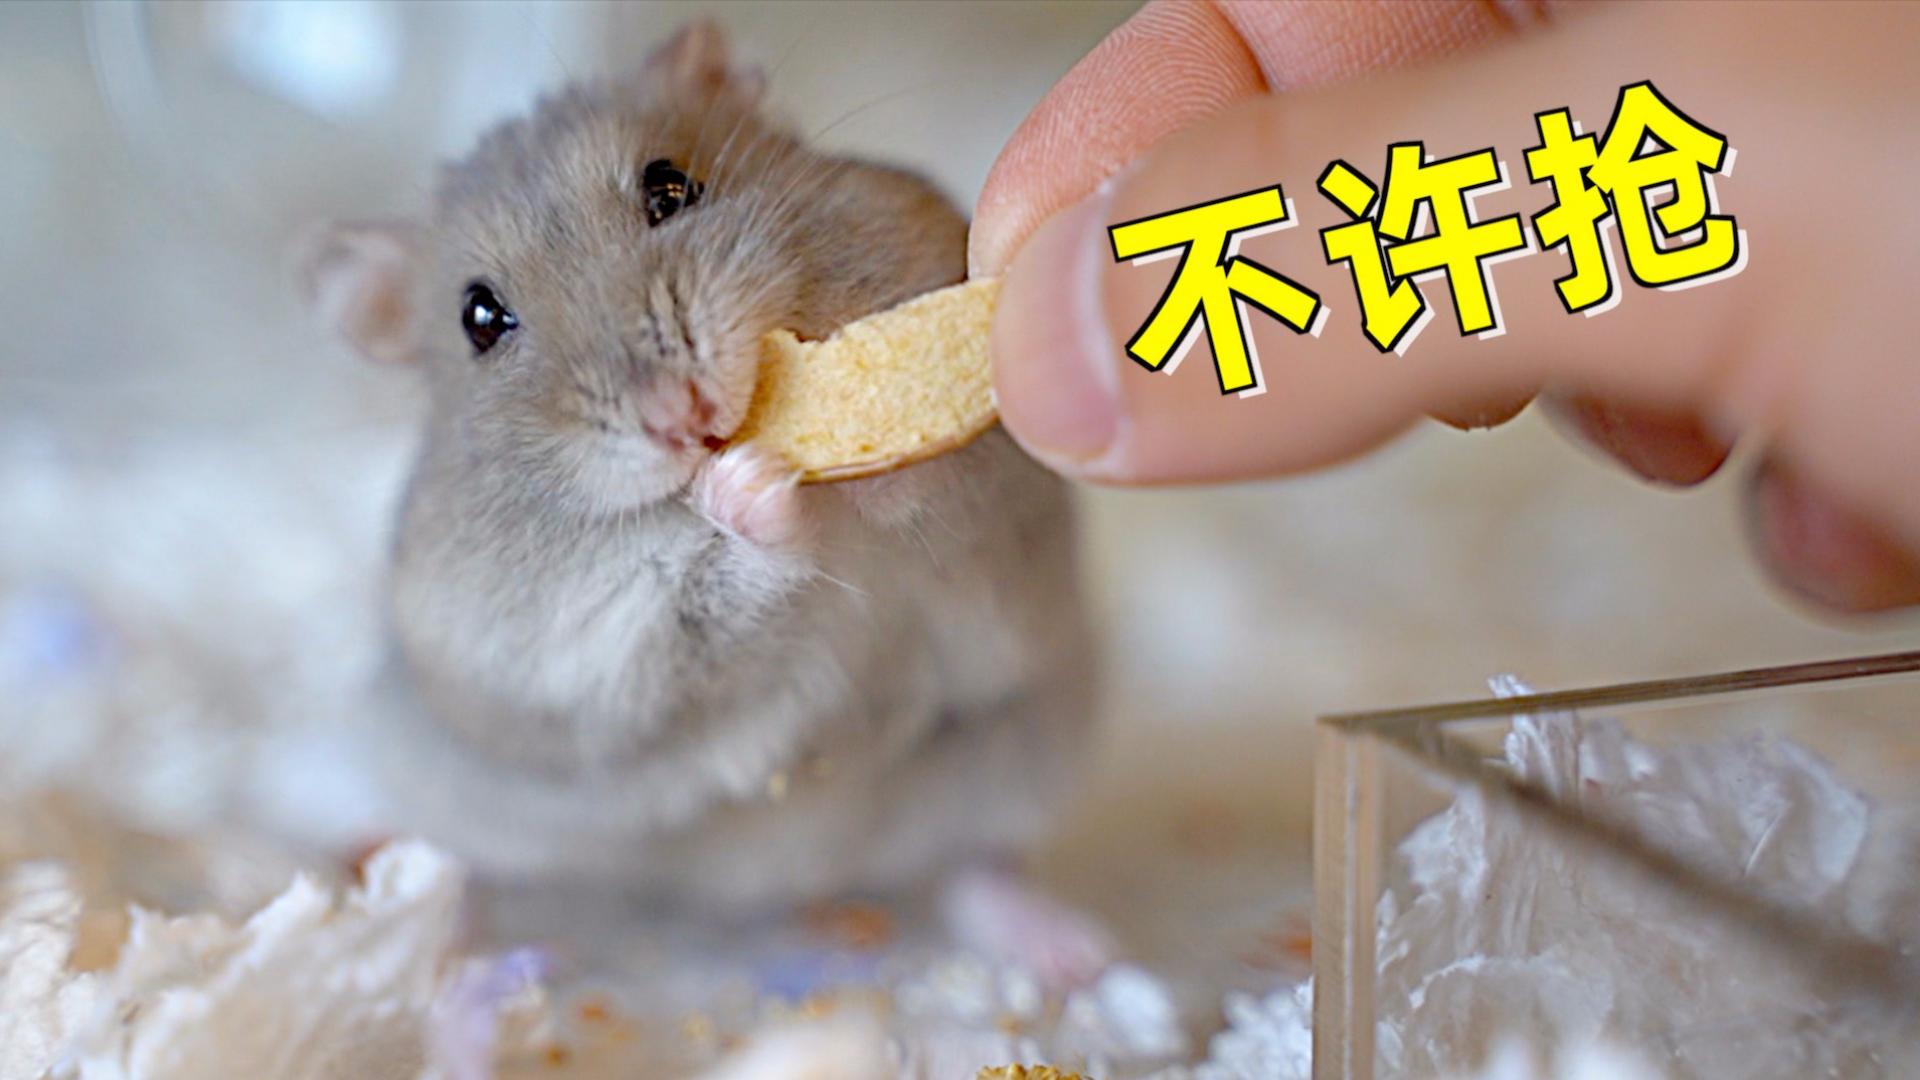 特写镜头下的仓鼠吃播,吃的也太香了,我都忍不住看饿了